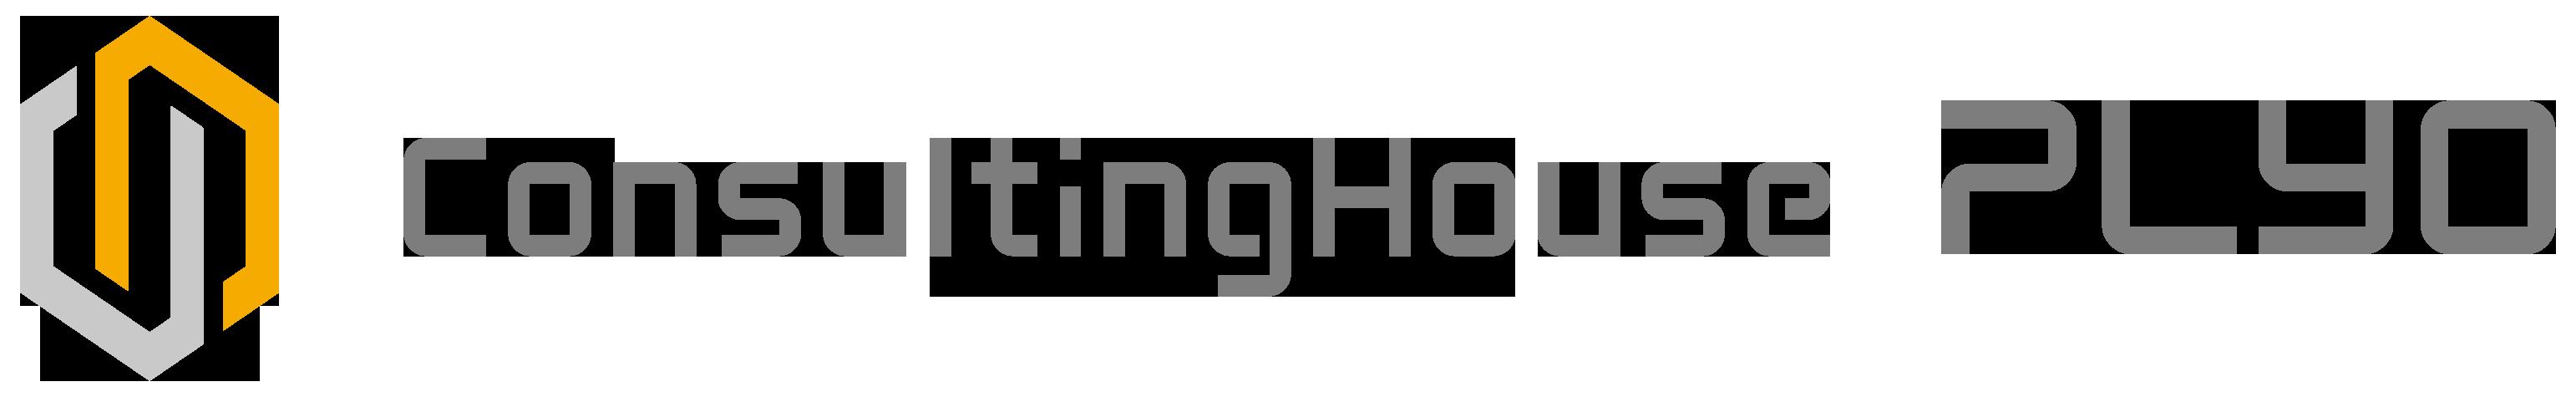 経営コンサルタントとシンプルとグレーのロゴ